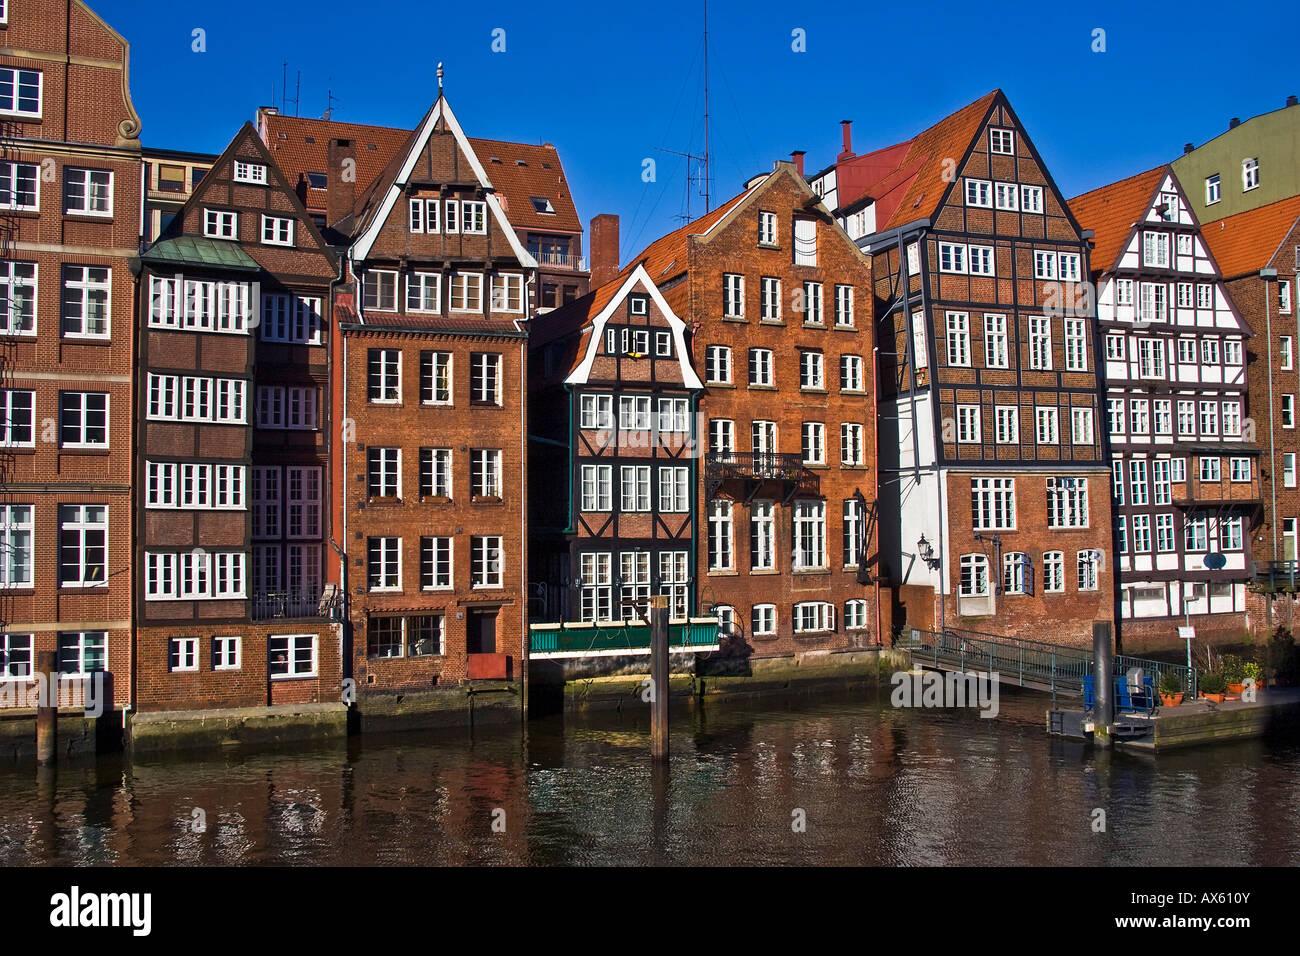 Historische Fachwerkhäuser in Hamburg, Deichstraße und Nikolaifleet Altstadt Bezirk, Hamburg, Deutschland, Stockbild